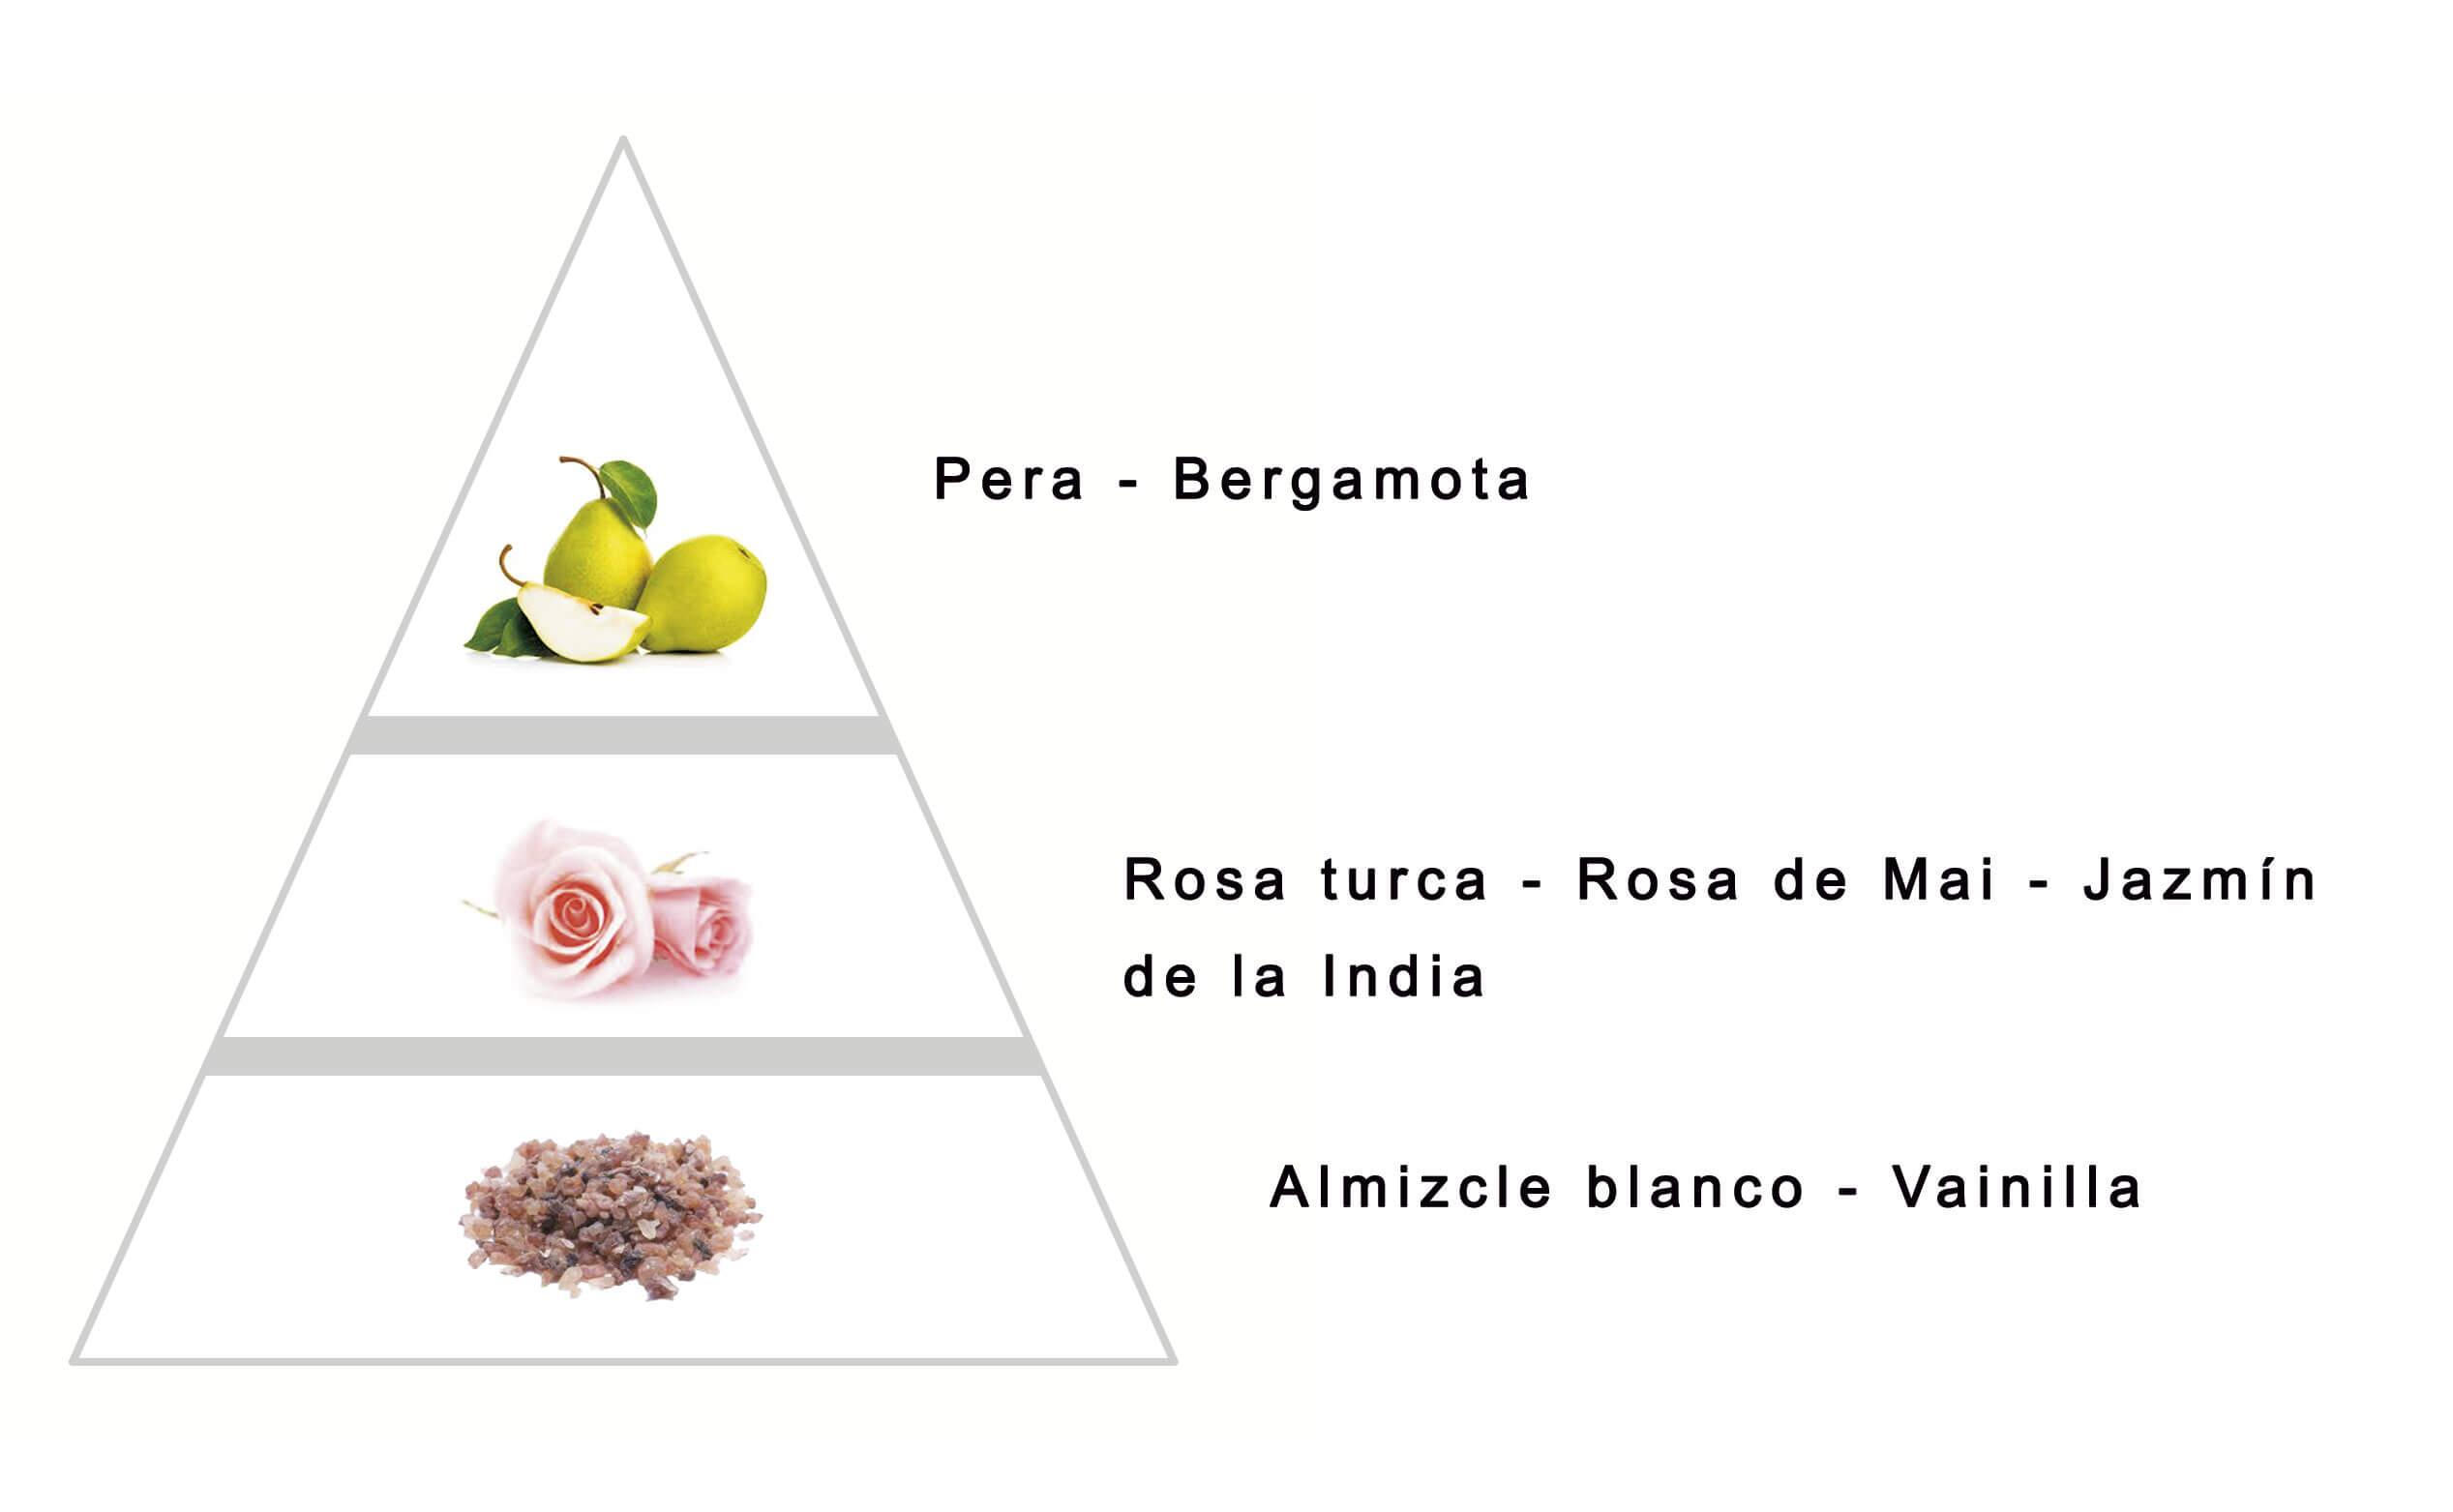 ISOLÉ by LAROME (12F) Perfume Femenino - Notas olfativas